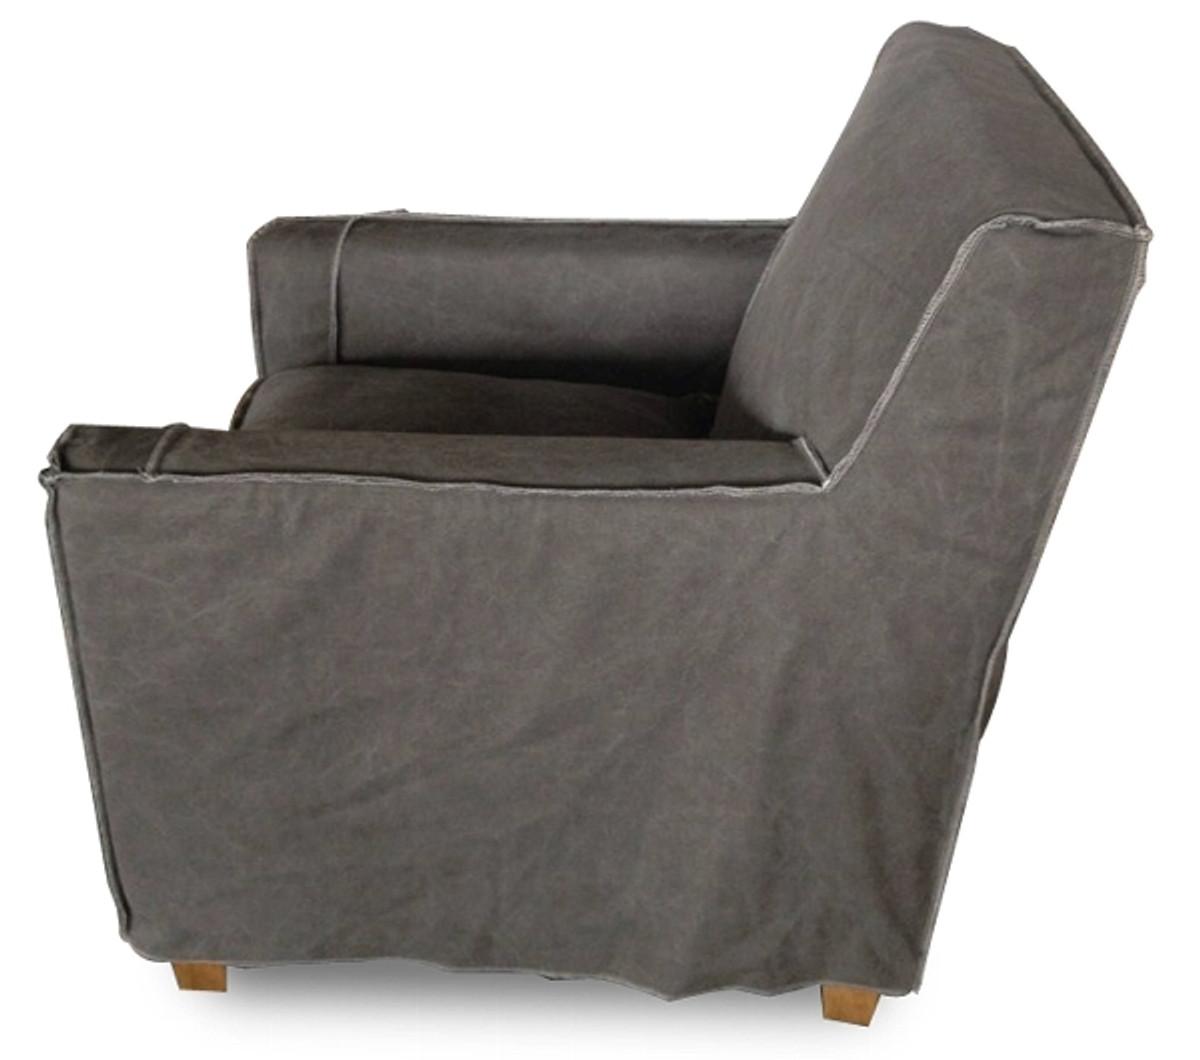 Casa Padrino Luxus Wohnzimmer Sessel Grau 82 x 80 x H. 81 cm - Wohnzimmermöbel 3